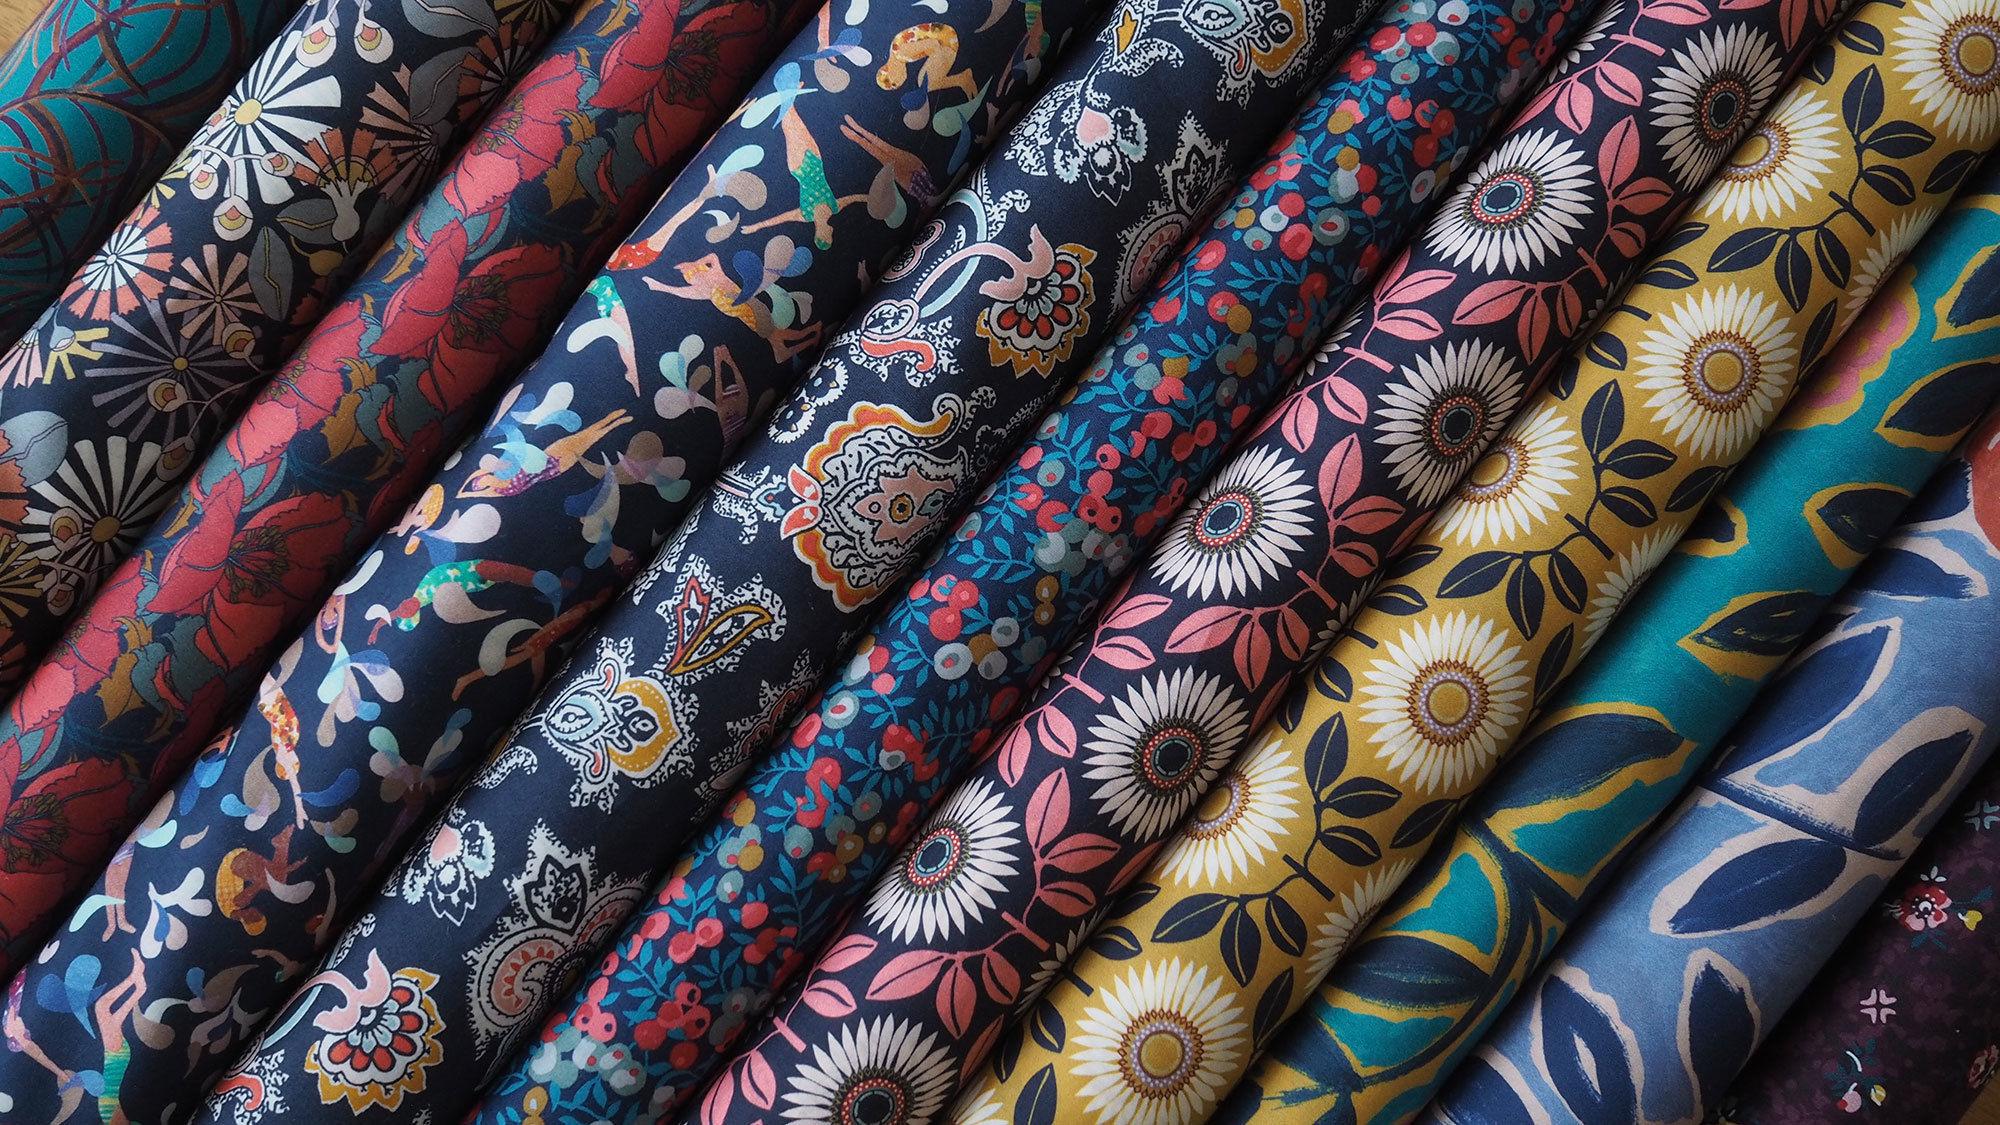 انواع چاپ روسری و لباس چیست؟